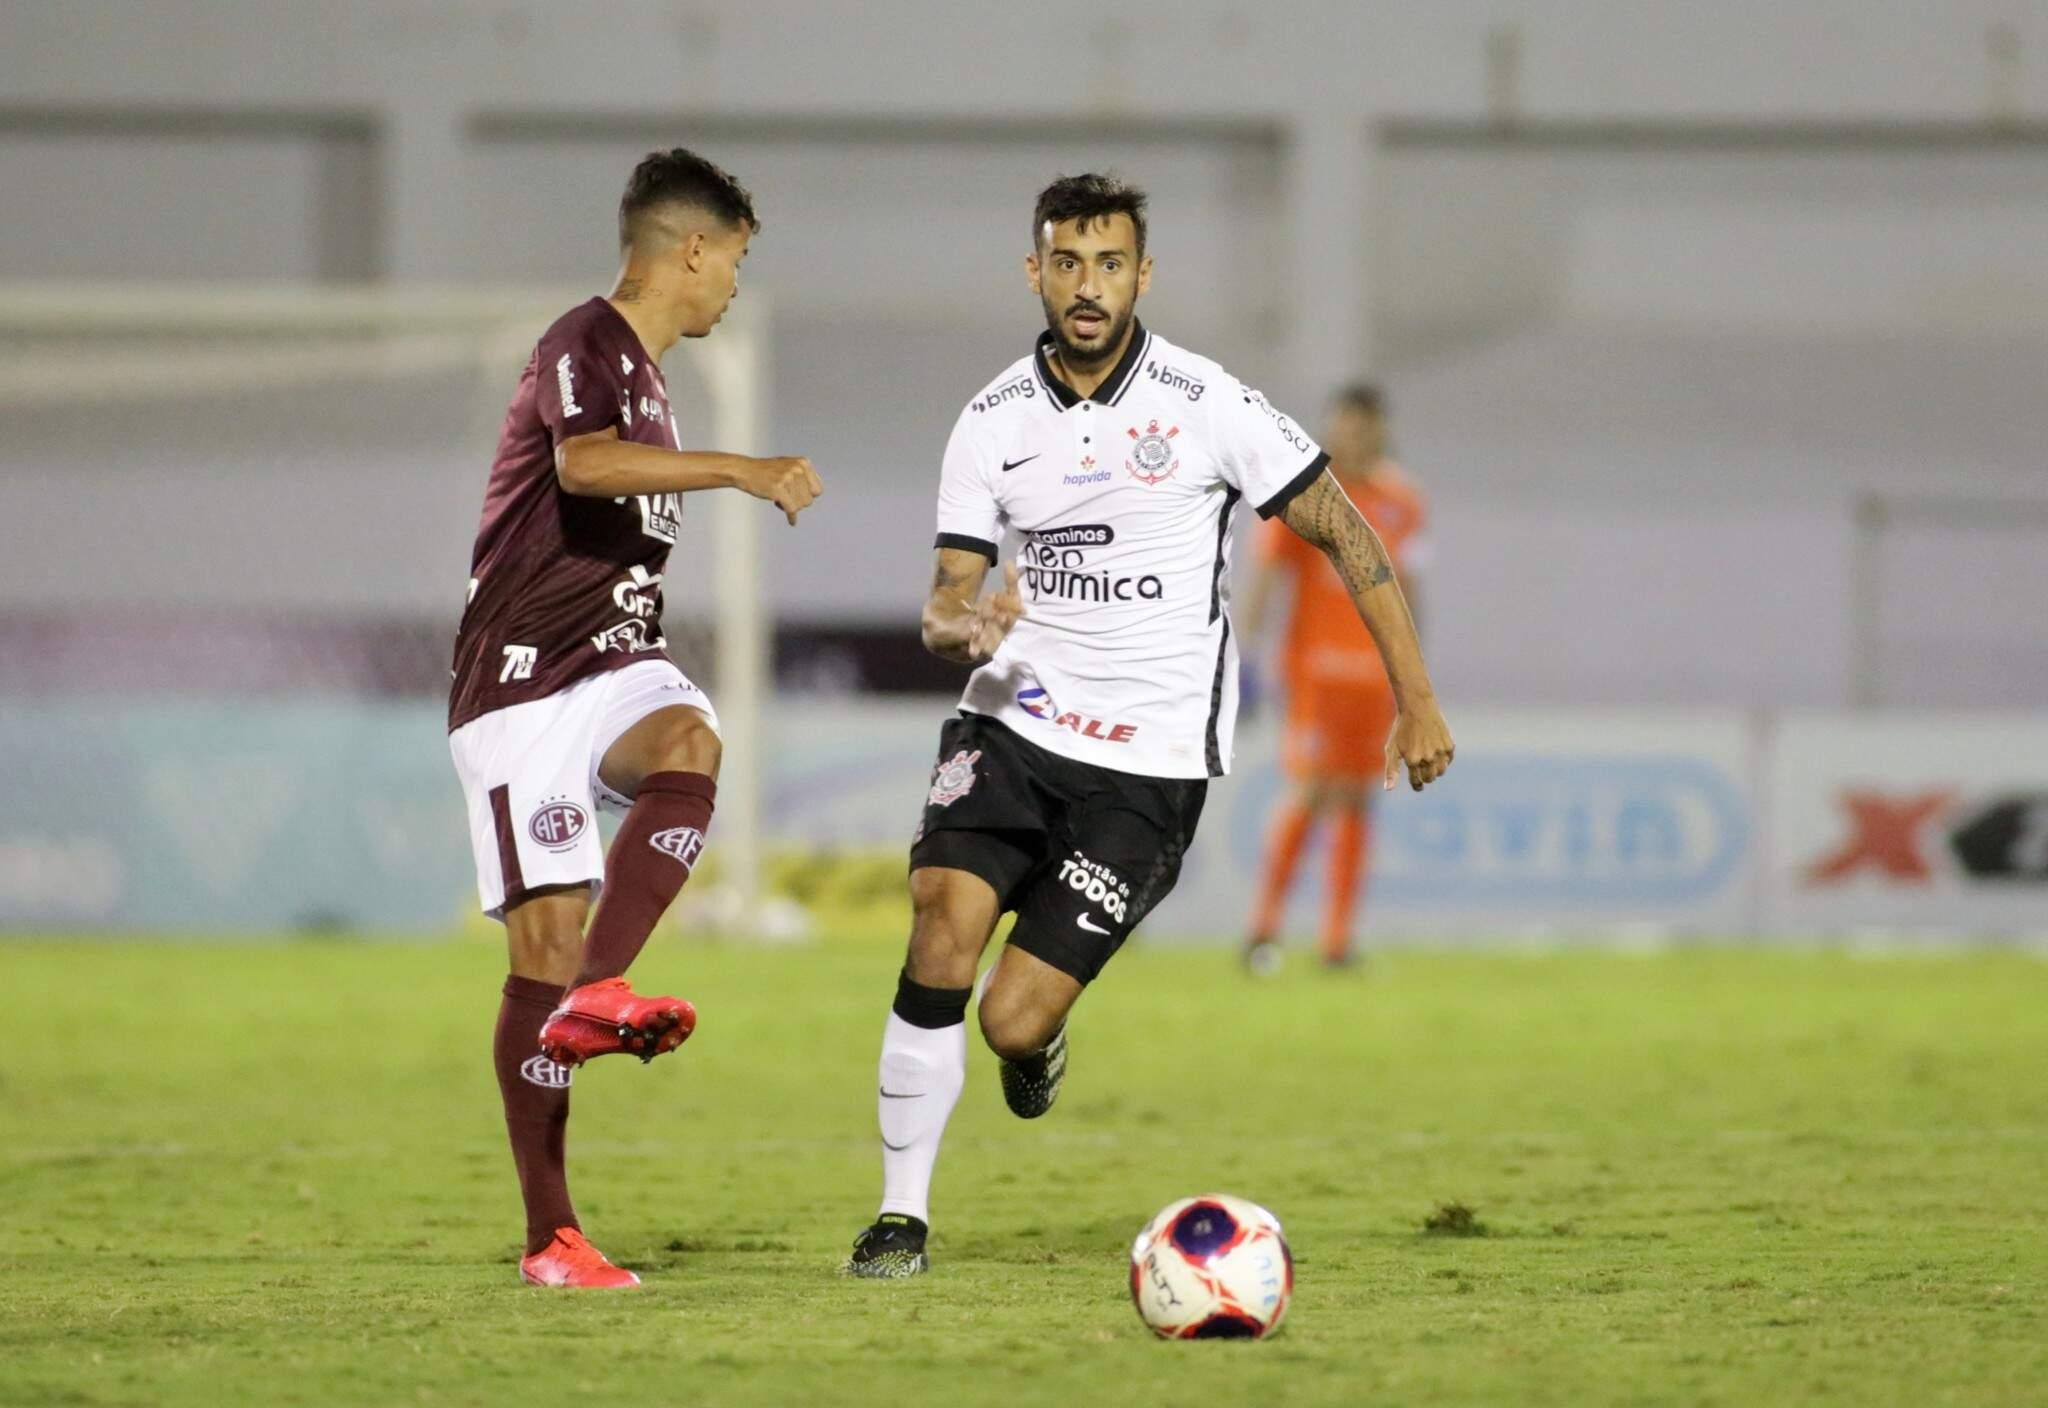 Disputa de bola durante a partida desta noite. (Foto: Rodrigo Coca/Agência Corinthians)